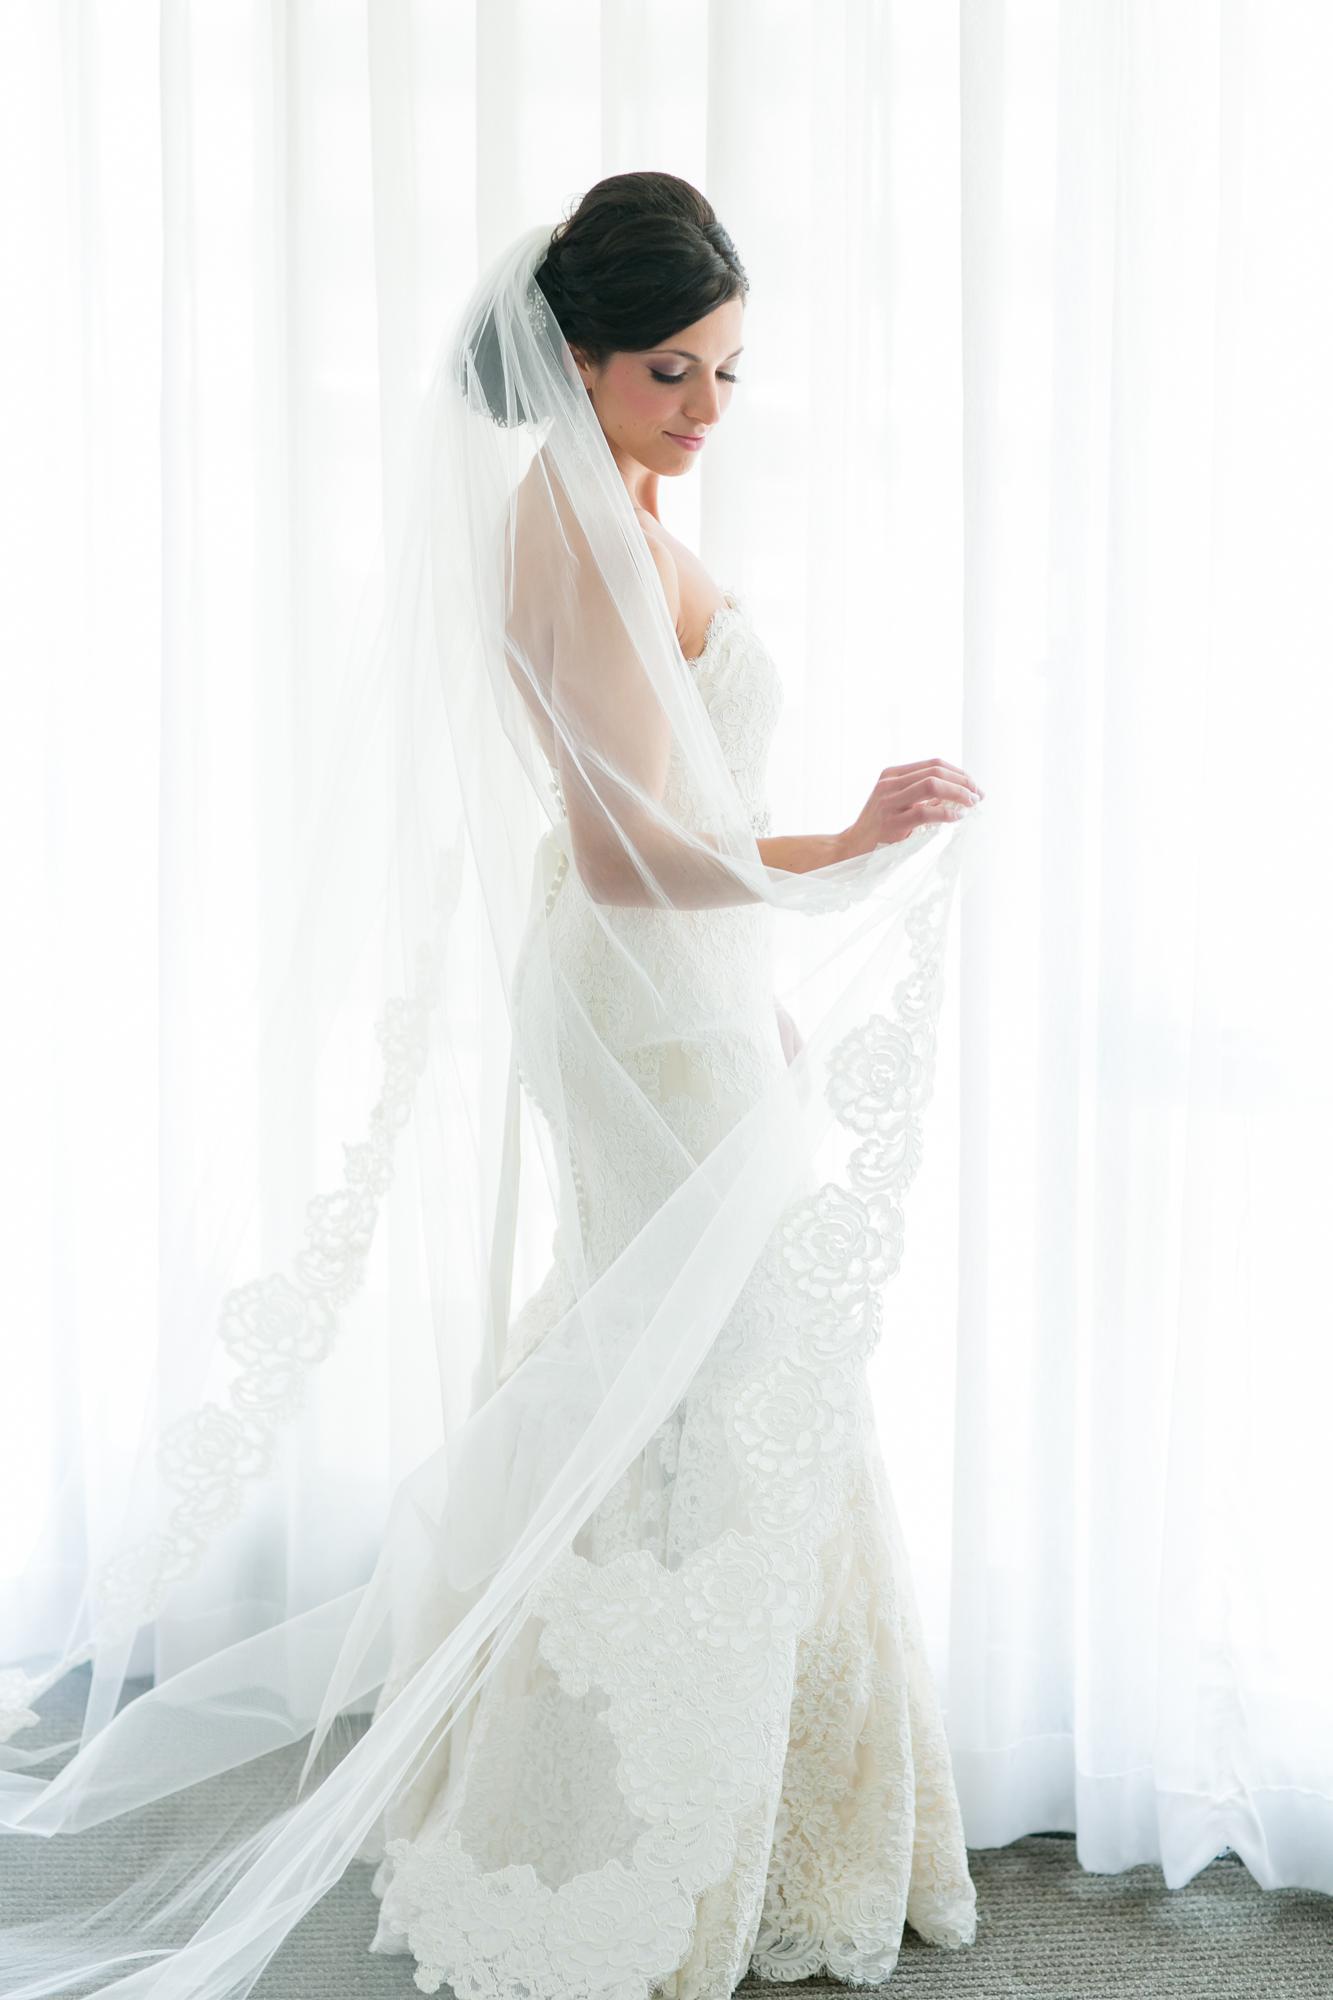 20140517_2014.05.17_D'Ambrosio-Adrian_Wedding_website_UD9A6019 copy.jpg